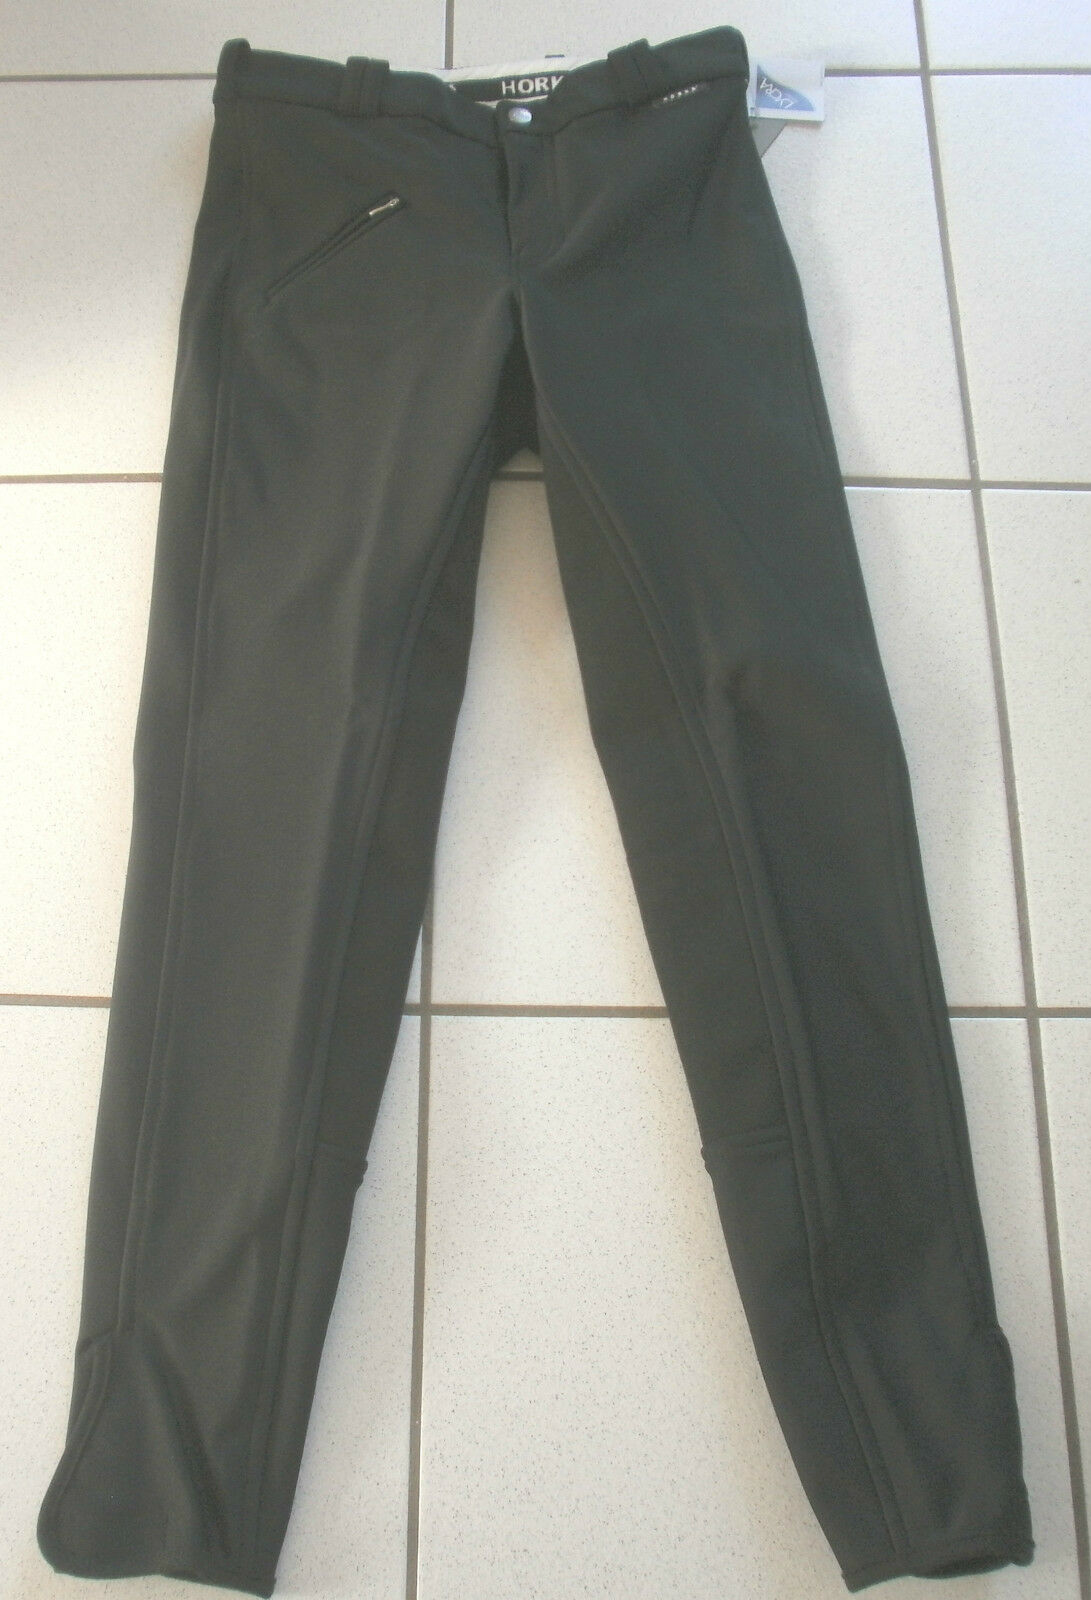 Horka Softshell Reithose (Winter) Vollbesatz, schwarz, Gr.176(3407), Sonderpreis    Zahlreiche In Vielfalt    eine breite Palette von Produkten    Schöne Farbe